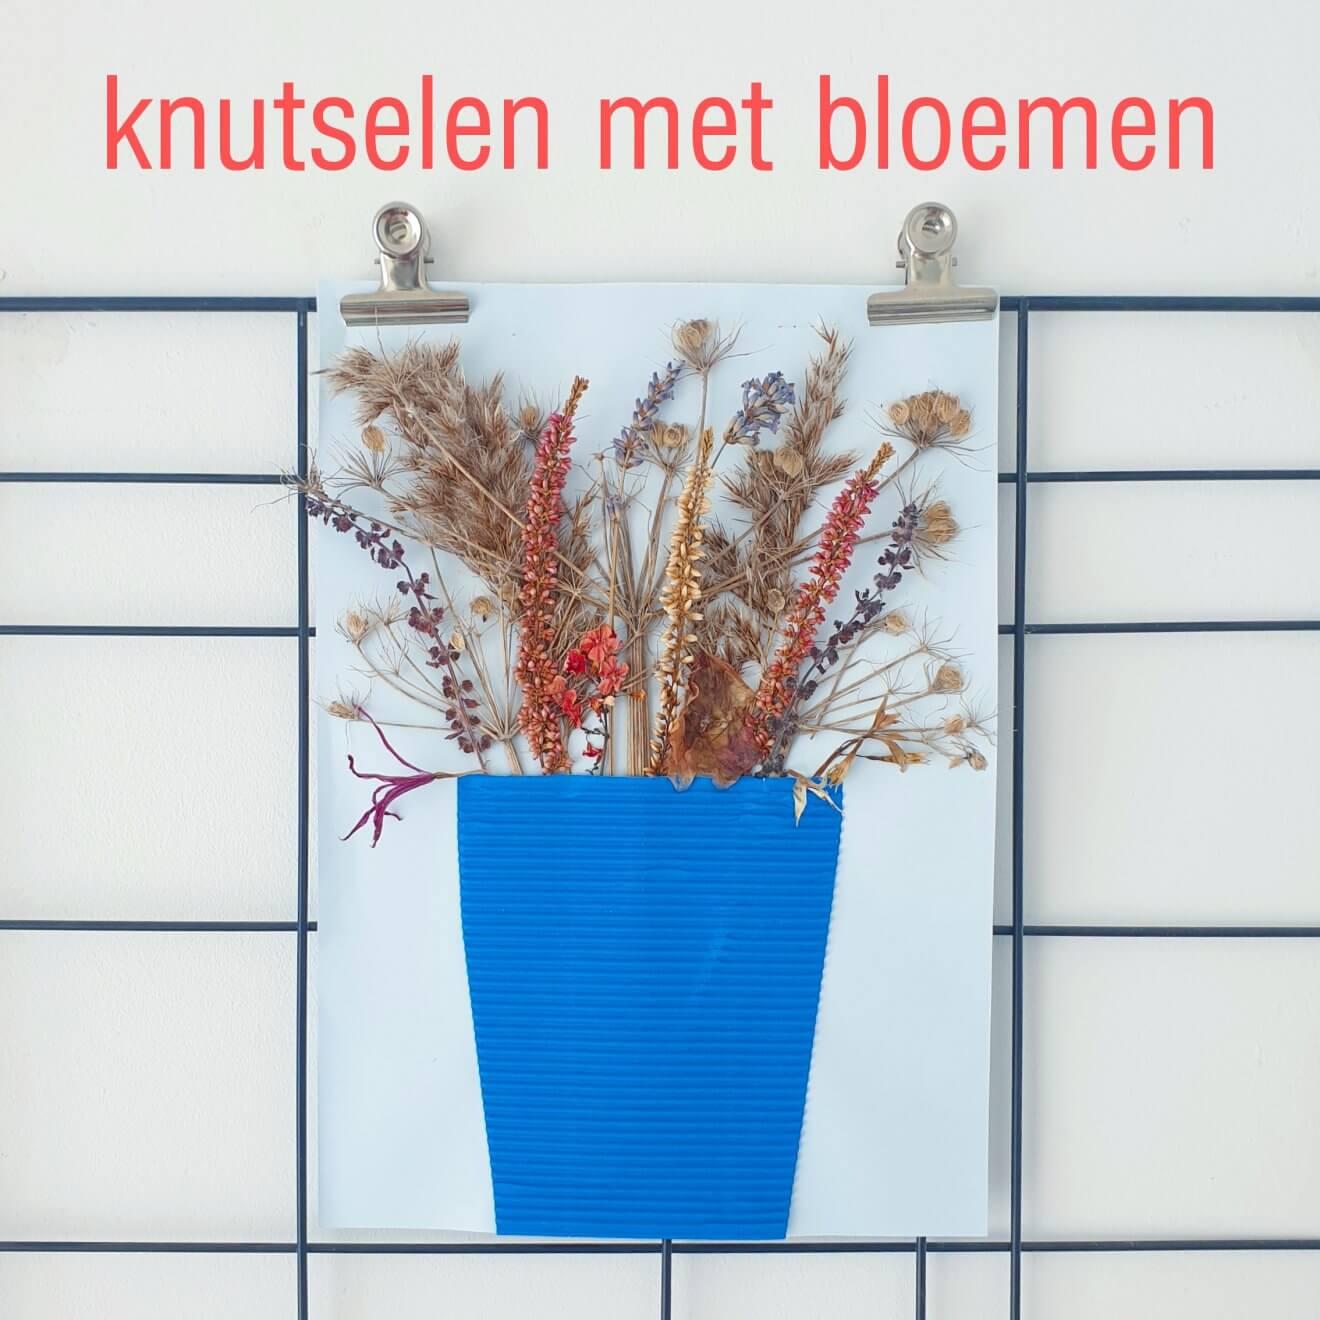 Bloemen knutselen en knutselen met bloemen. Zijn jullie ook zo gek op bloemen? In dit artikel vind je heel veel inspiratie voor bloemen knutsels. Met bloemen kun je heel leuk knutselen en de mooiste dingen maken. Maar je kunt natuurlijk ook kuist bloemen knutselen van papier, strijkkralen, stoepkrijt, schelpen, stof en andere materialen.